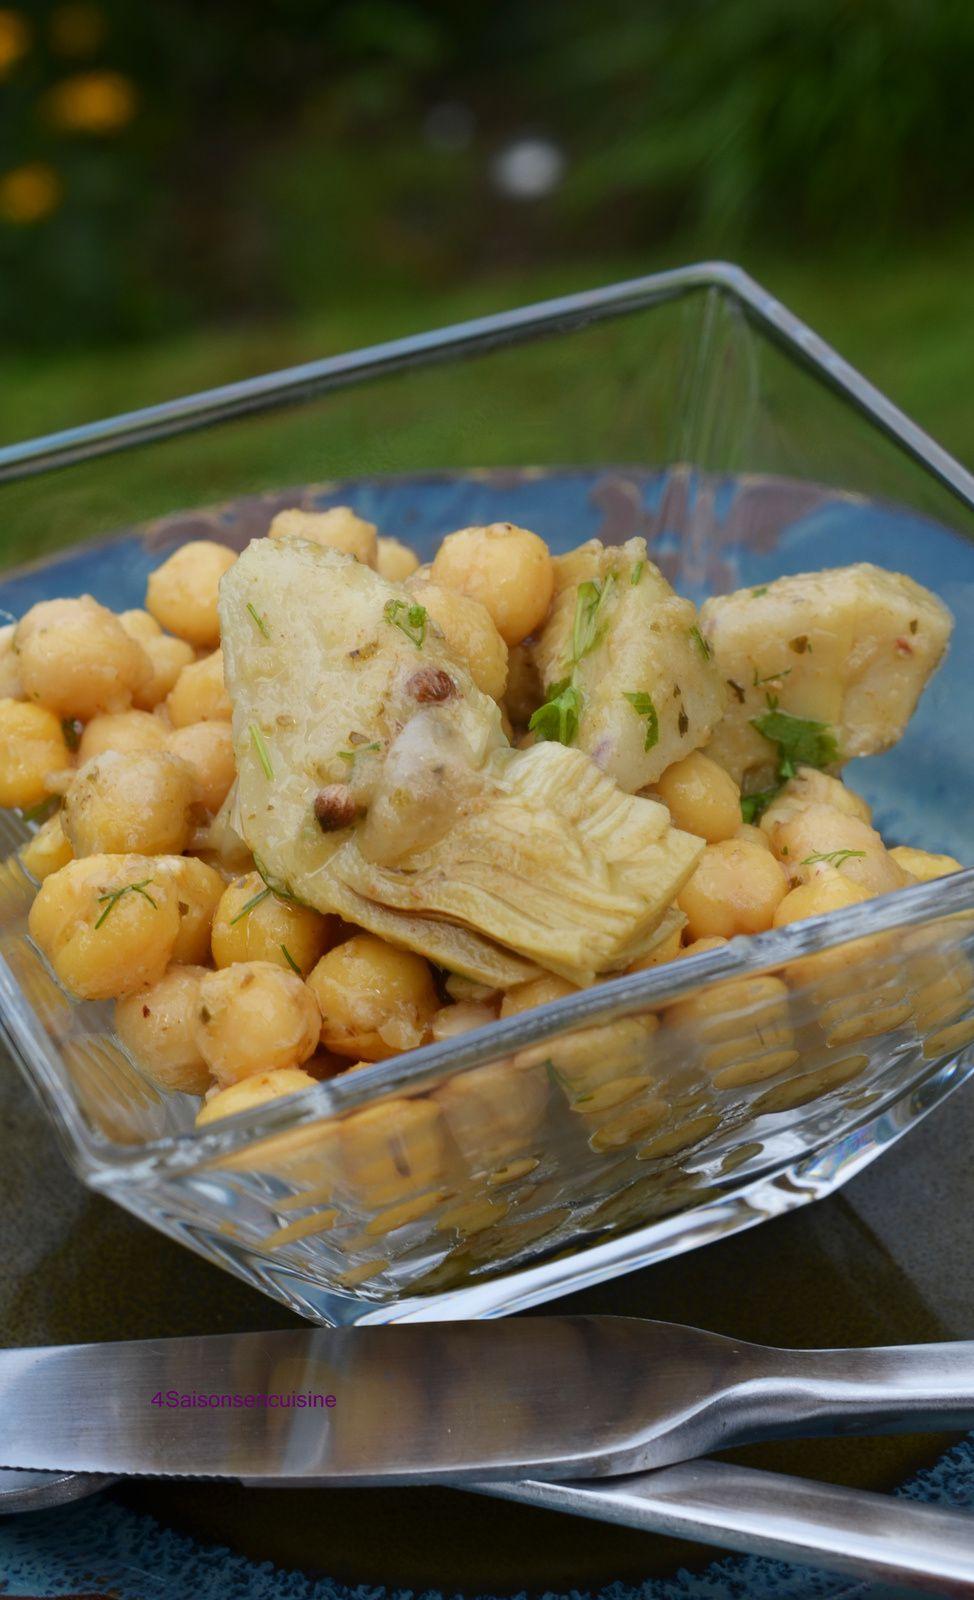 Salade de pois chiches et artichauts